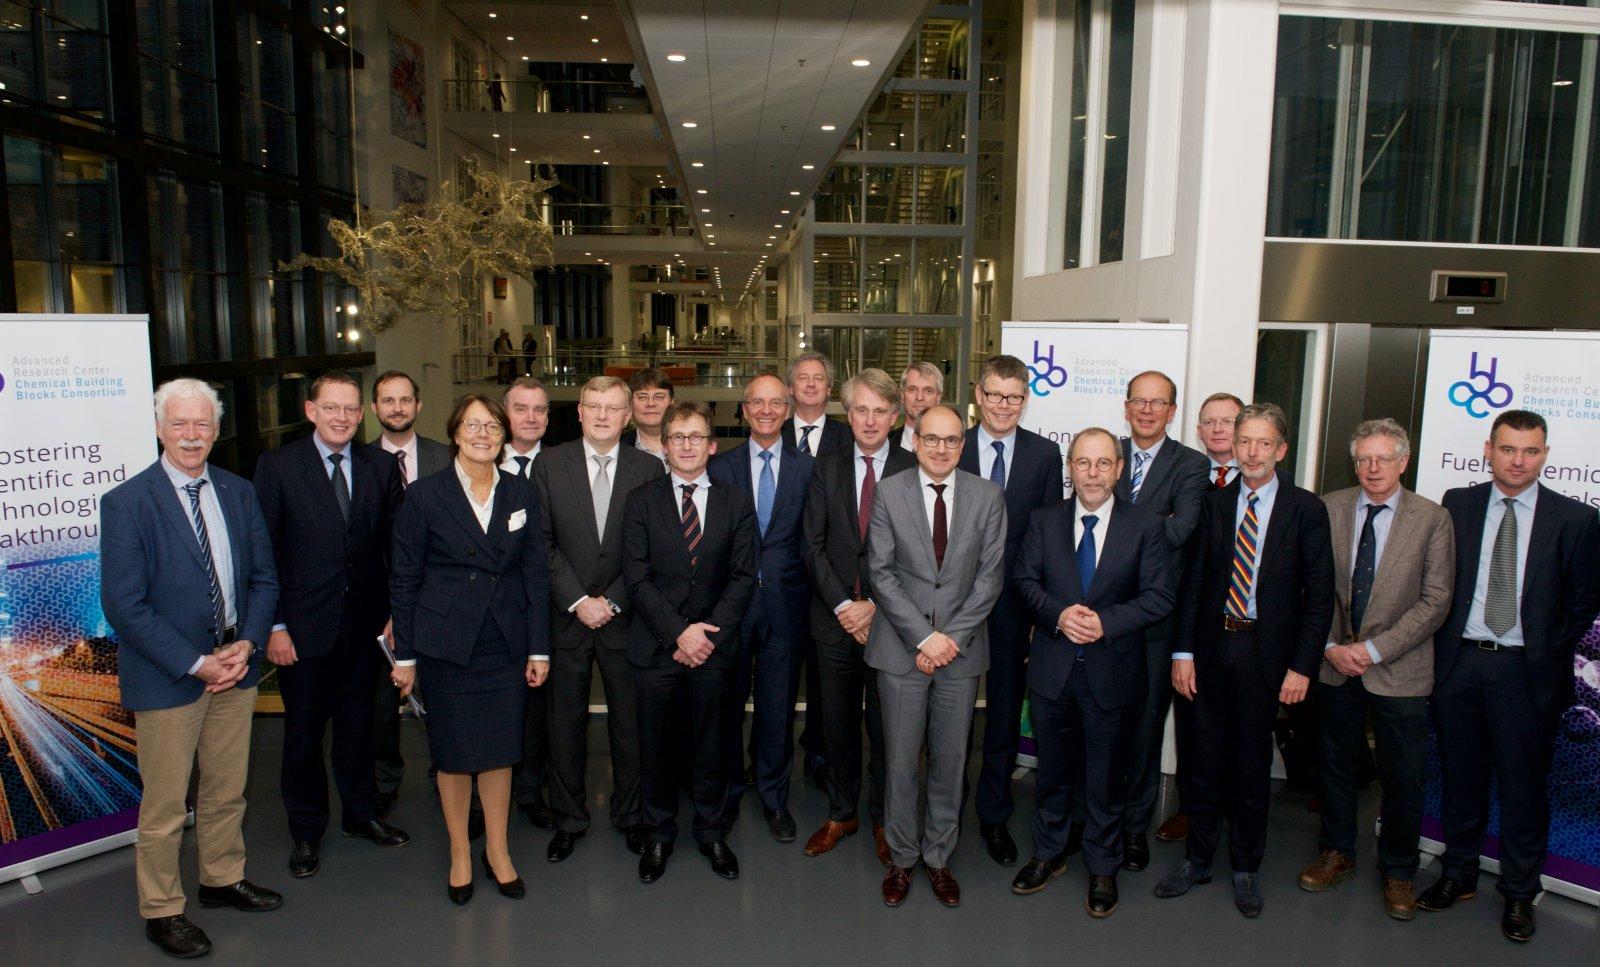 Vertegenwoordigers van overheid, bedrijfsleven en universiteiten bij de lancering van het ARC CBBC